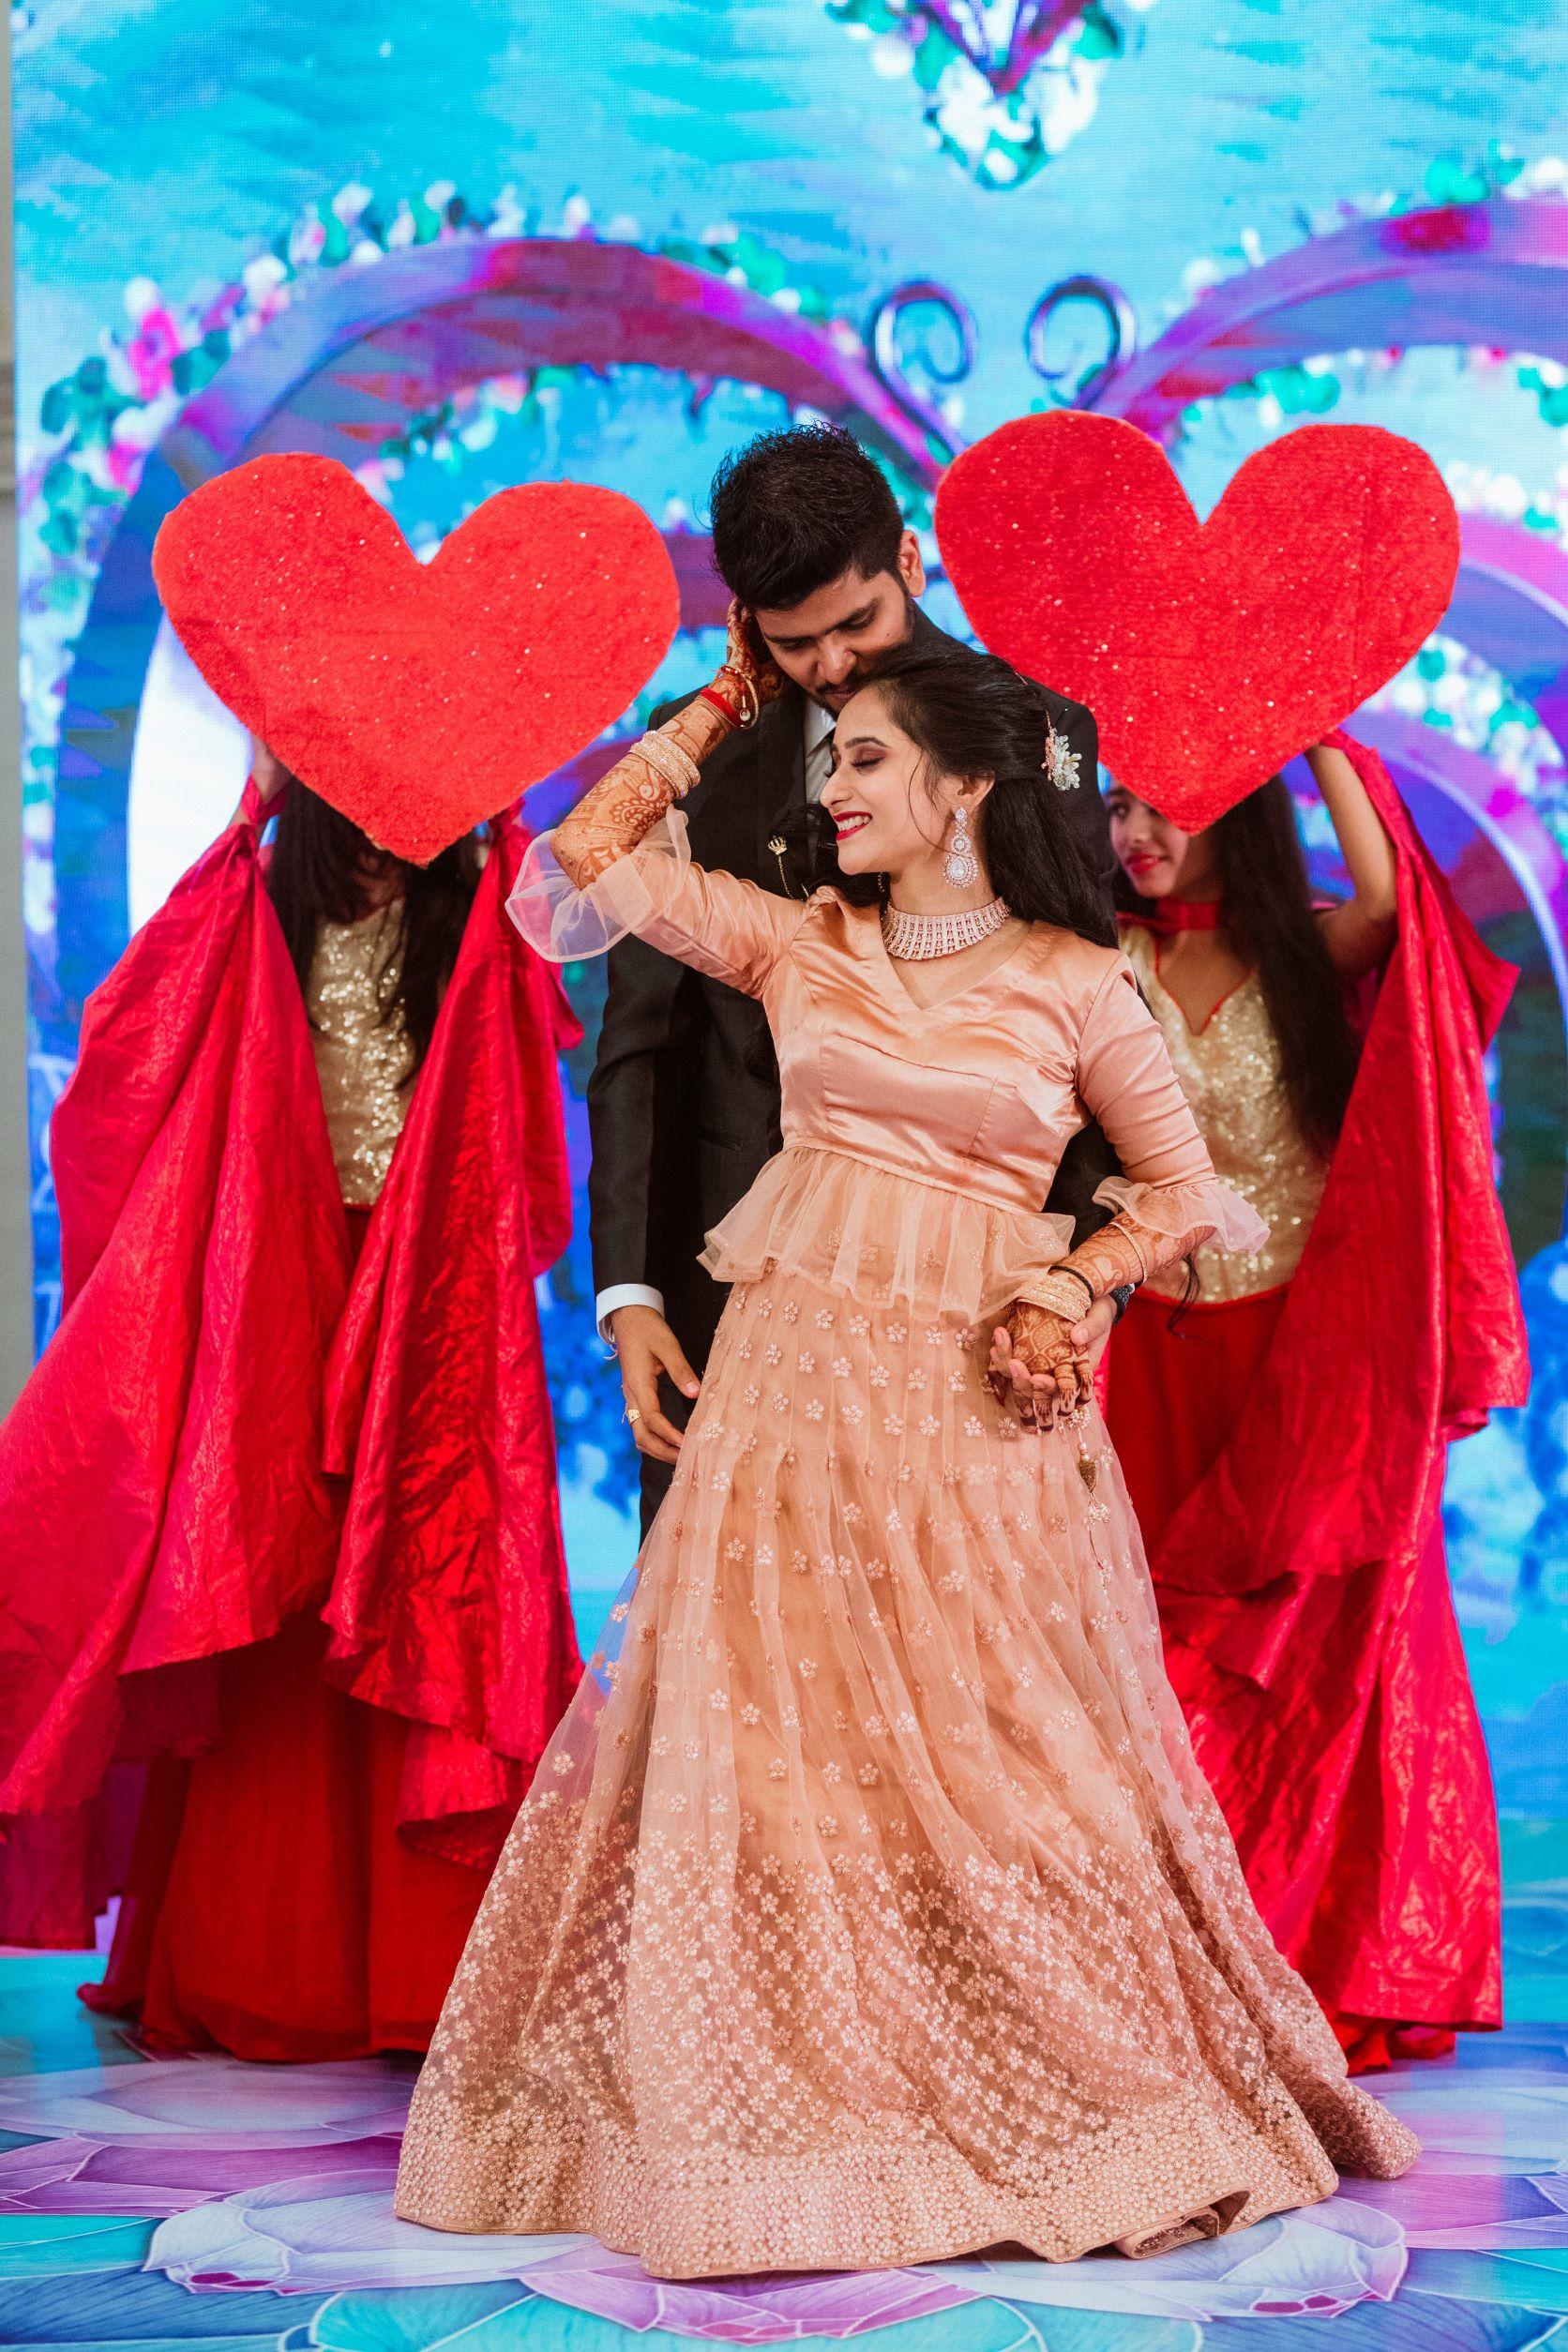 happy bride dances with her groom